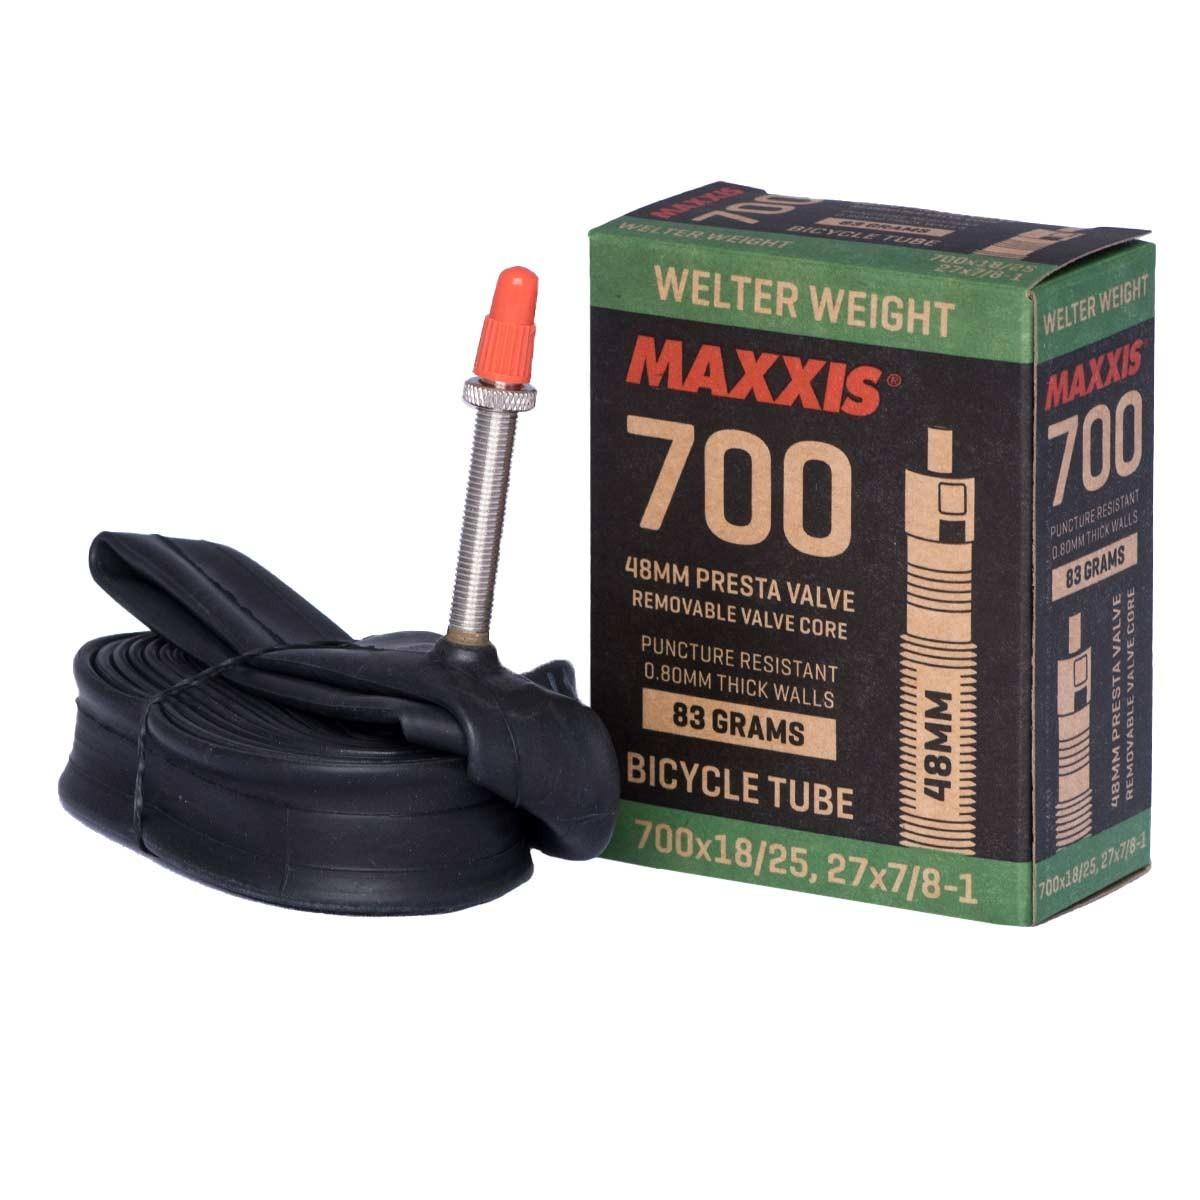 MAXXIS WELTER WEIGHT 700X23/32C | Френски Вентил (Low Lead) 60mm - Изображение - AQUAMATRIX